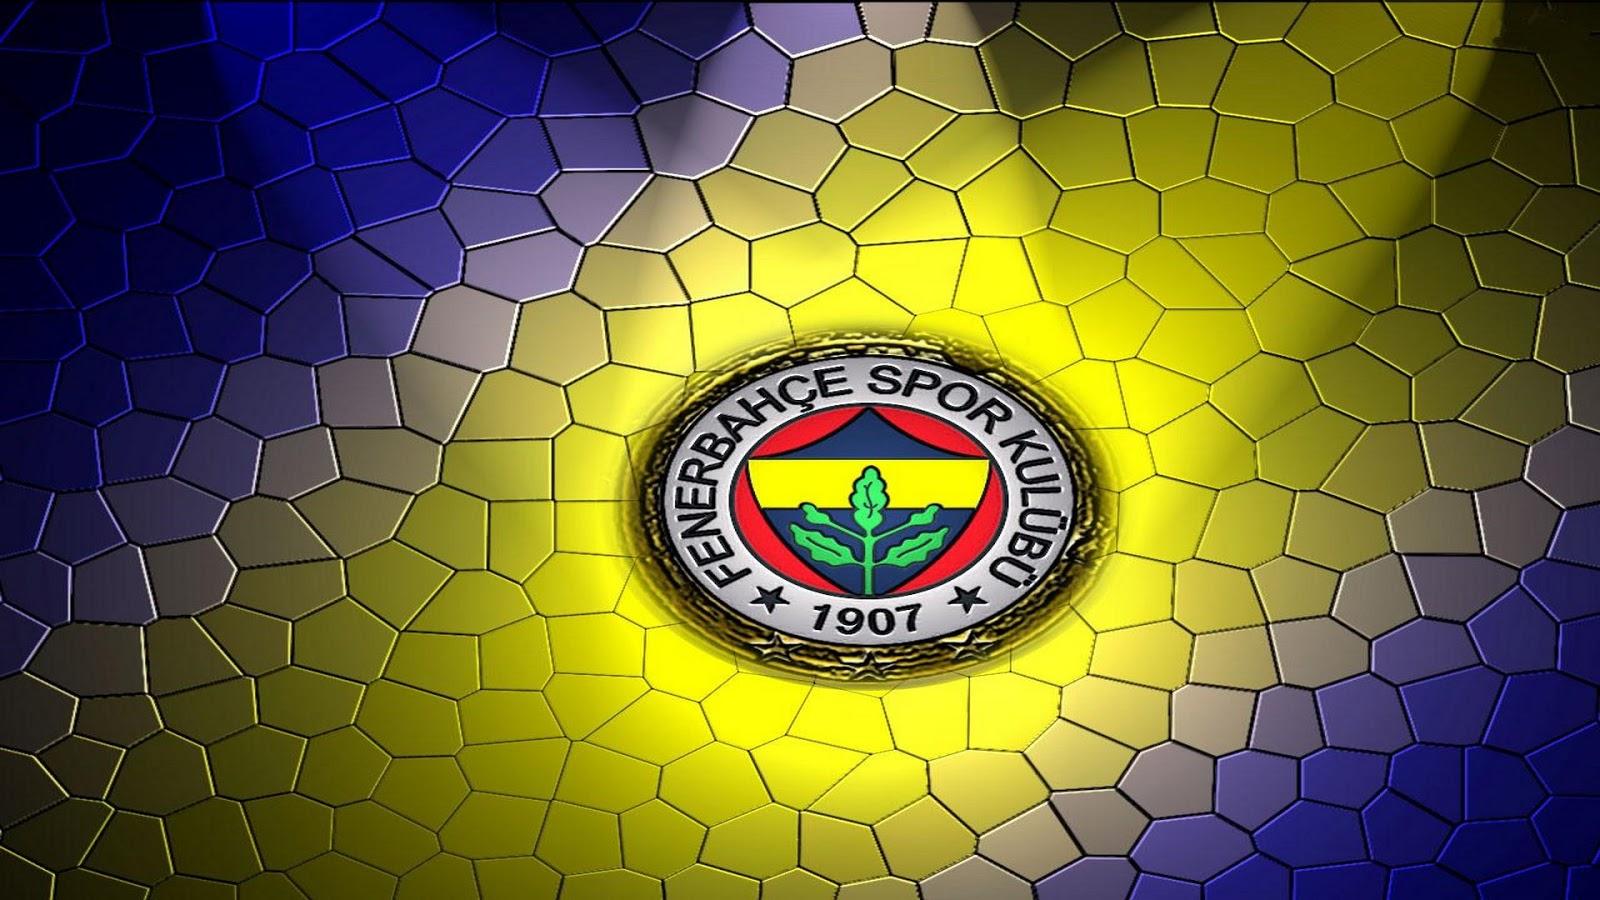 fenerbahce+resim+rooteto+19 Fenerbahçe HD Resimleri